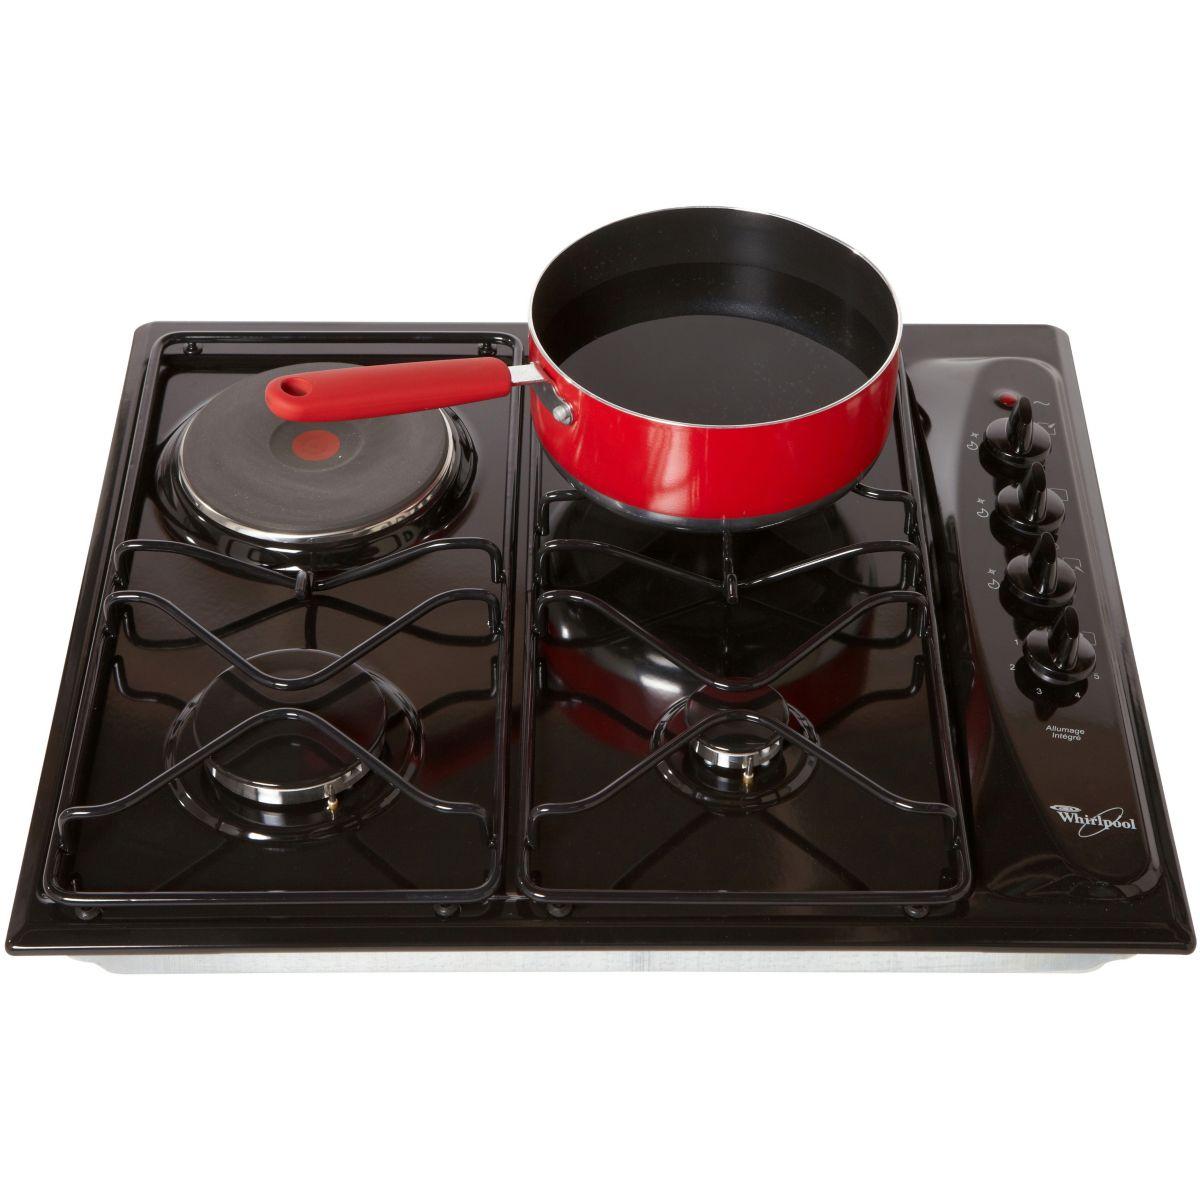 Table de cuisson mixte whirlpool akm261nb - 7% de remise : code gam7